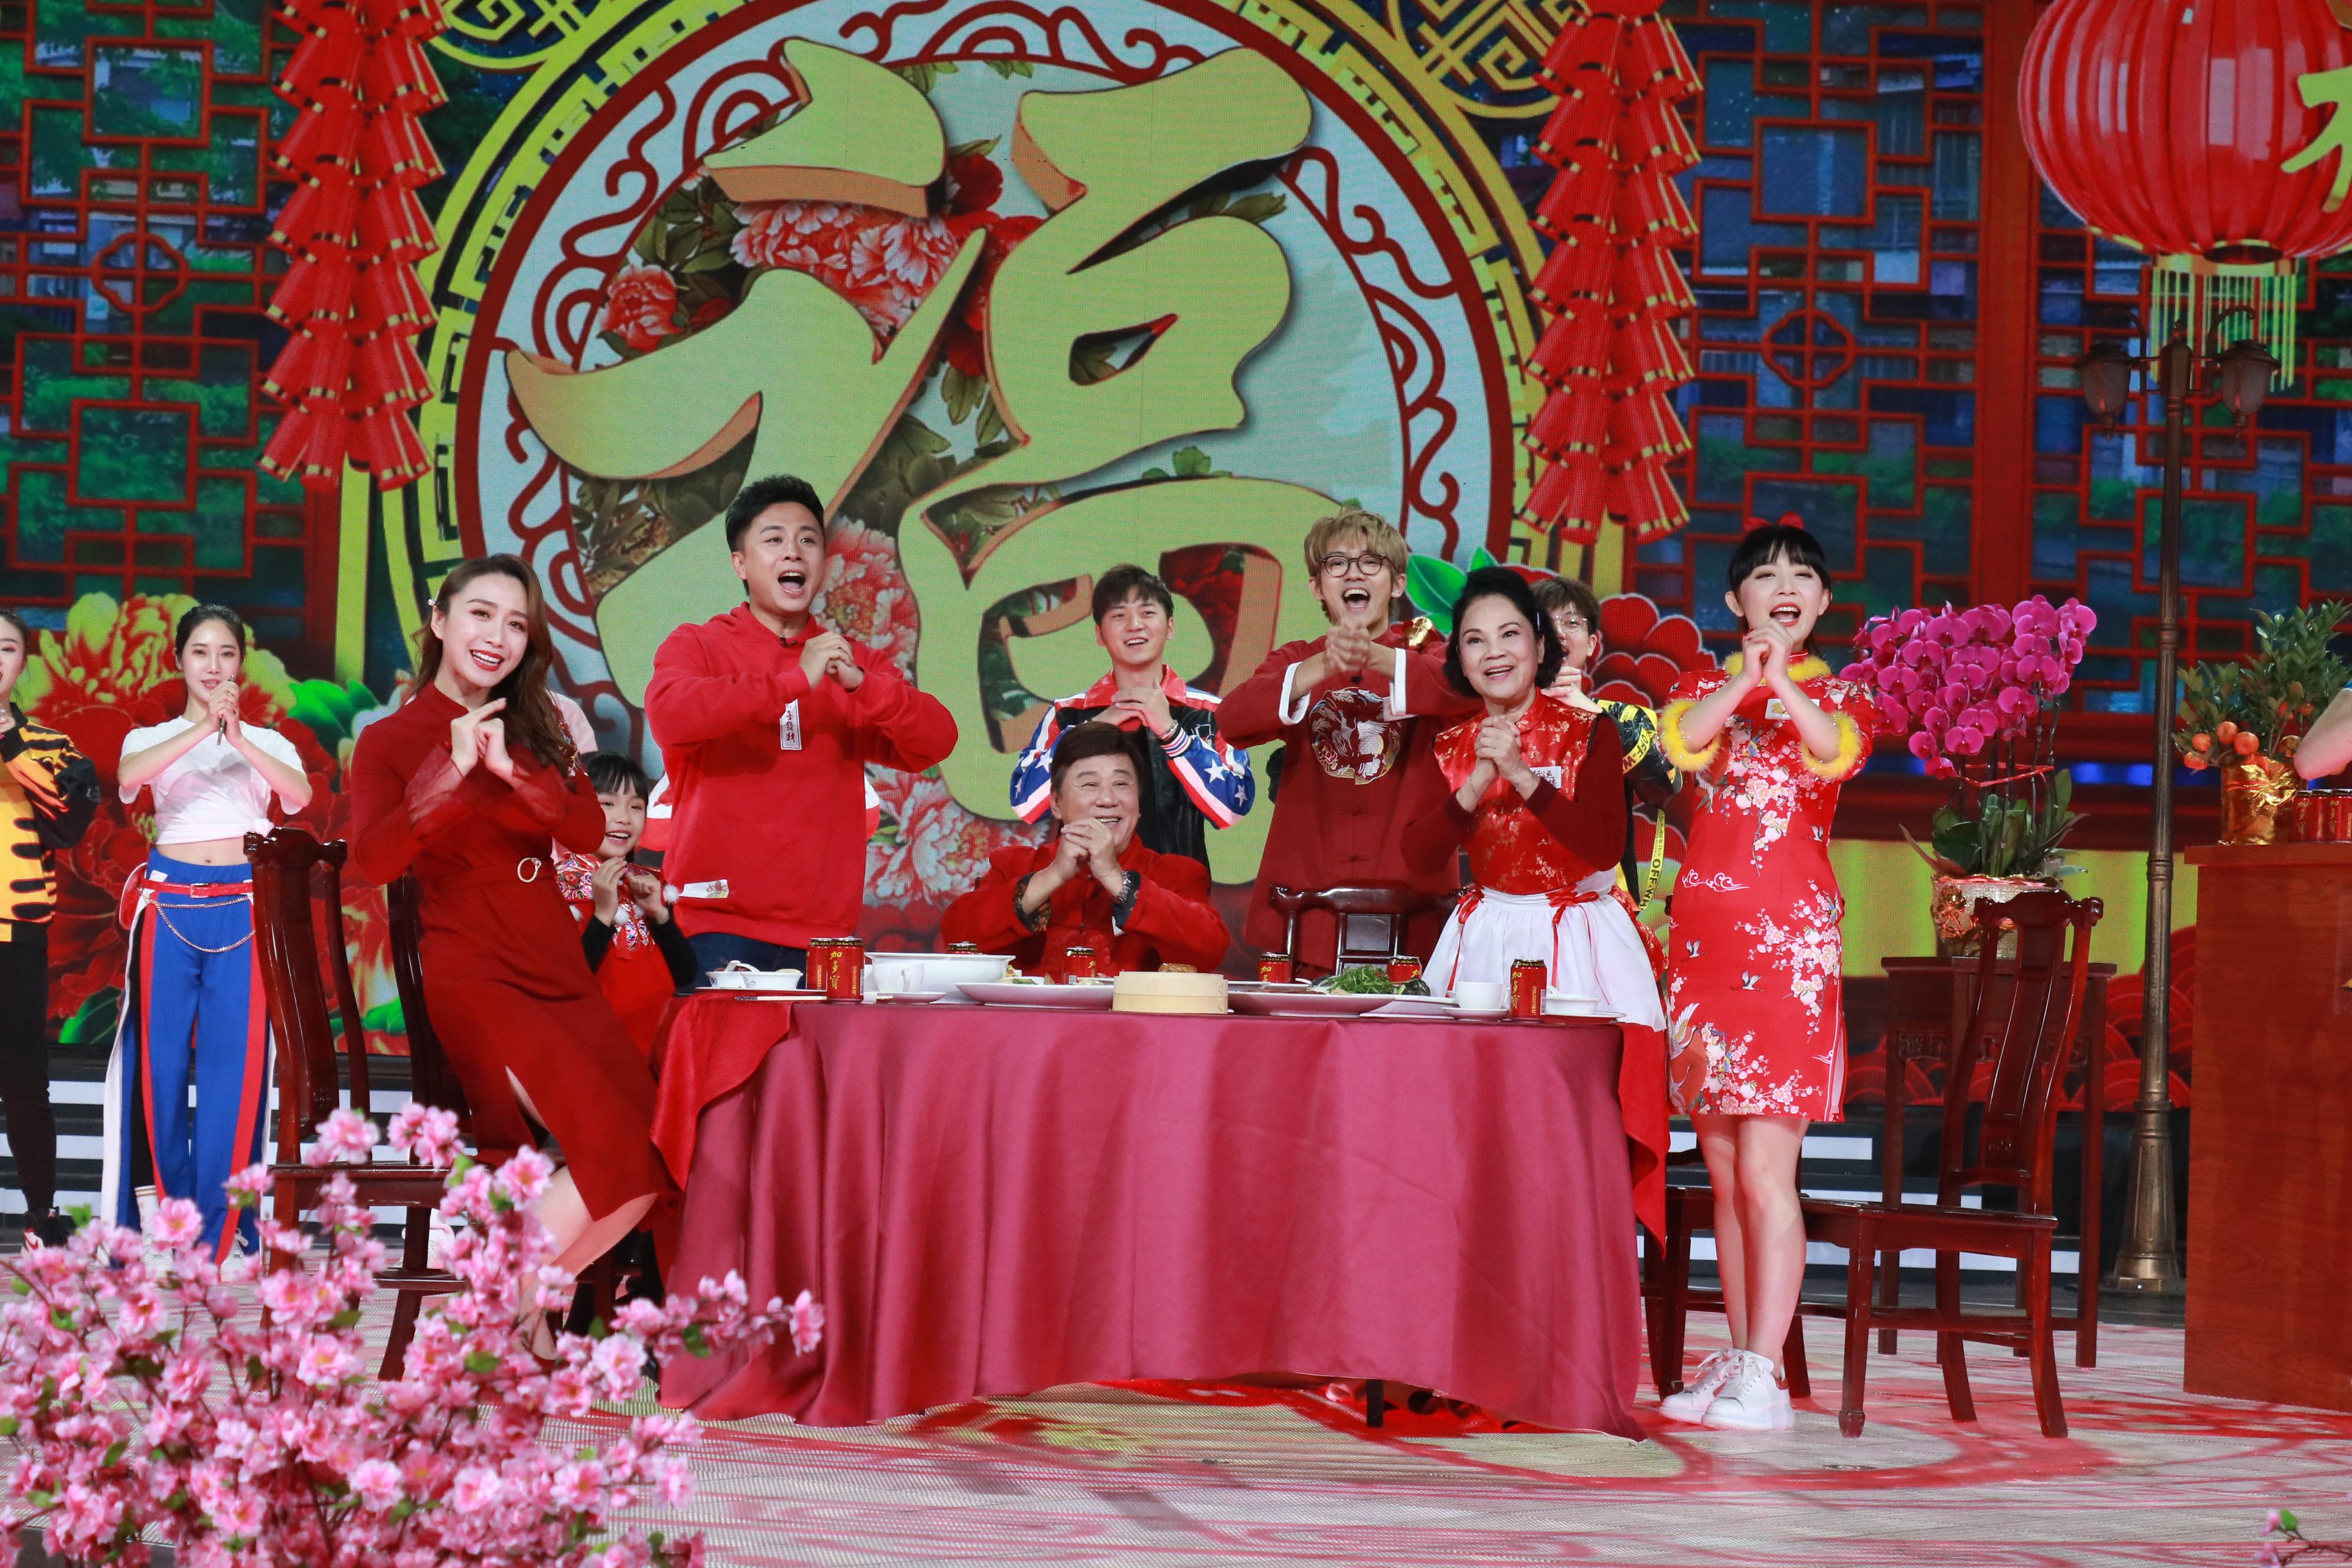 《金鼠迎春樂繽紛》  ——2020珠江頻道春節特別節目